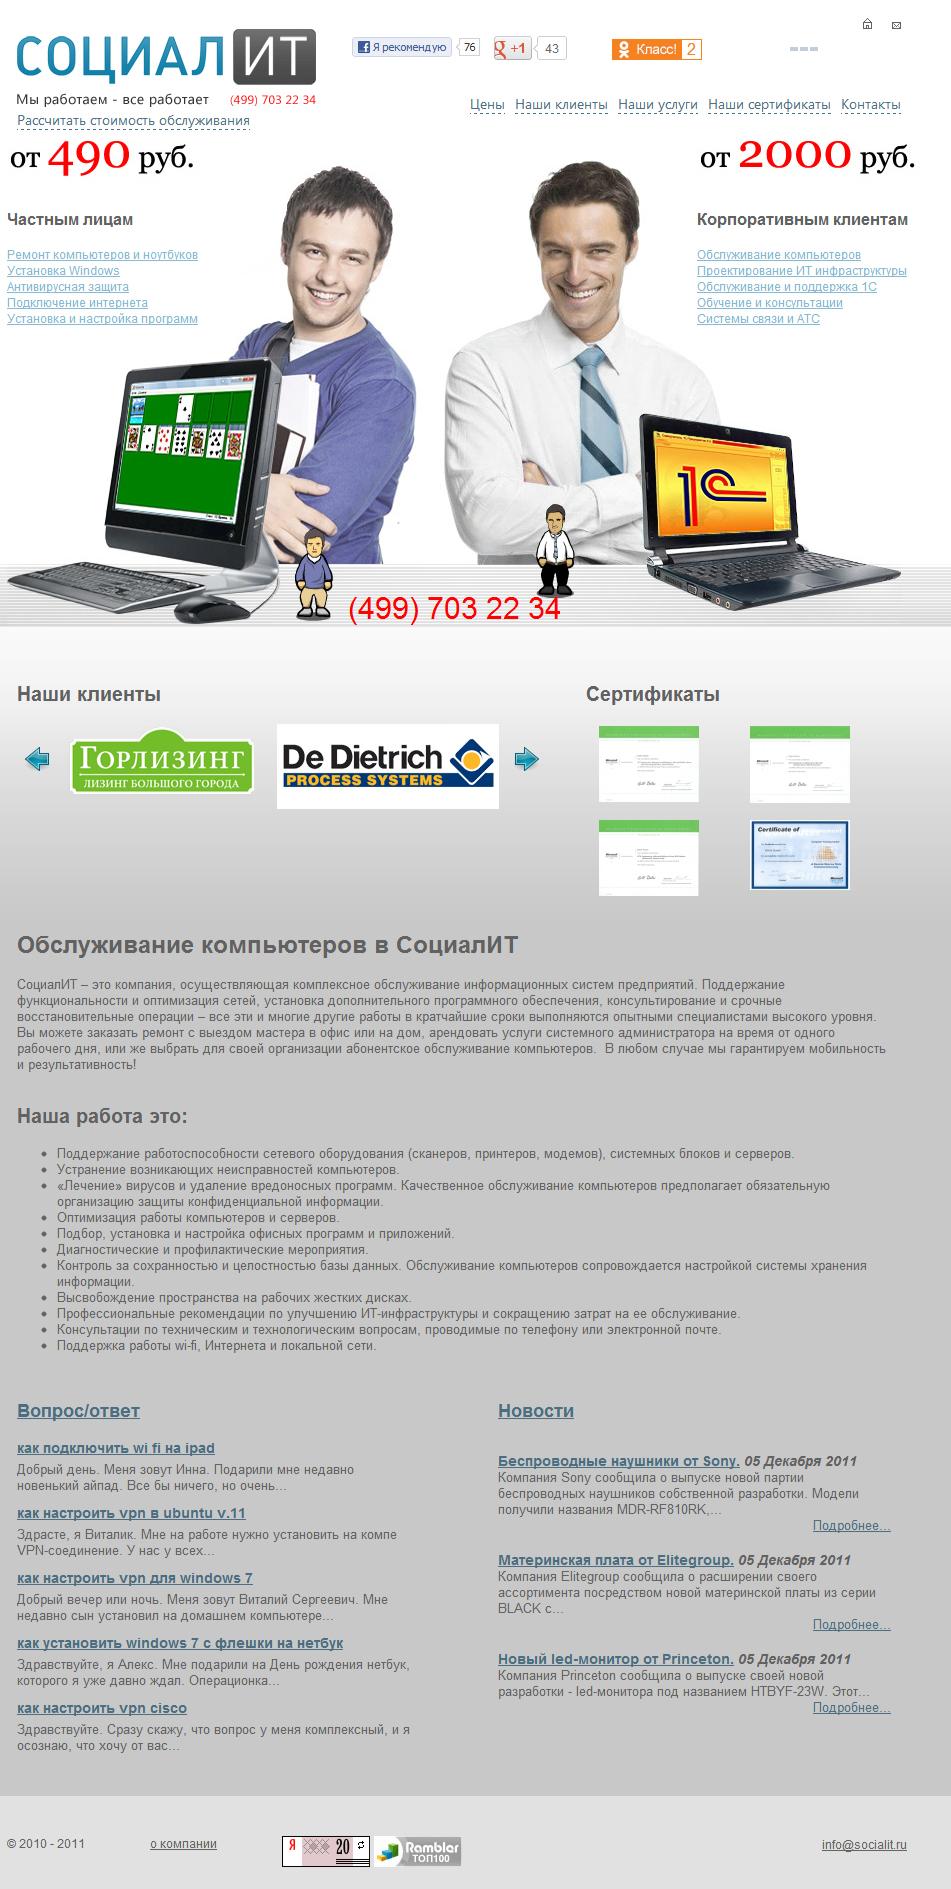 Socialit - абонентское обслуживание компьютеров и информационных систем